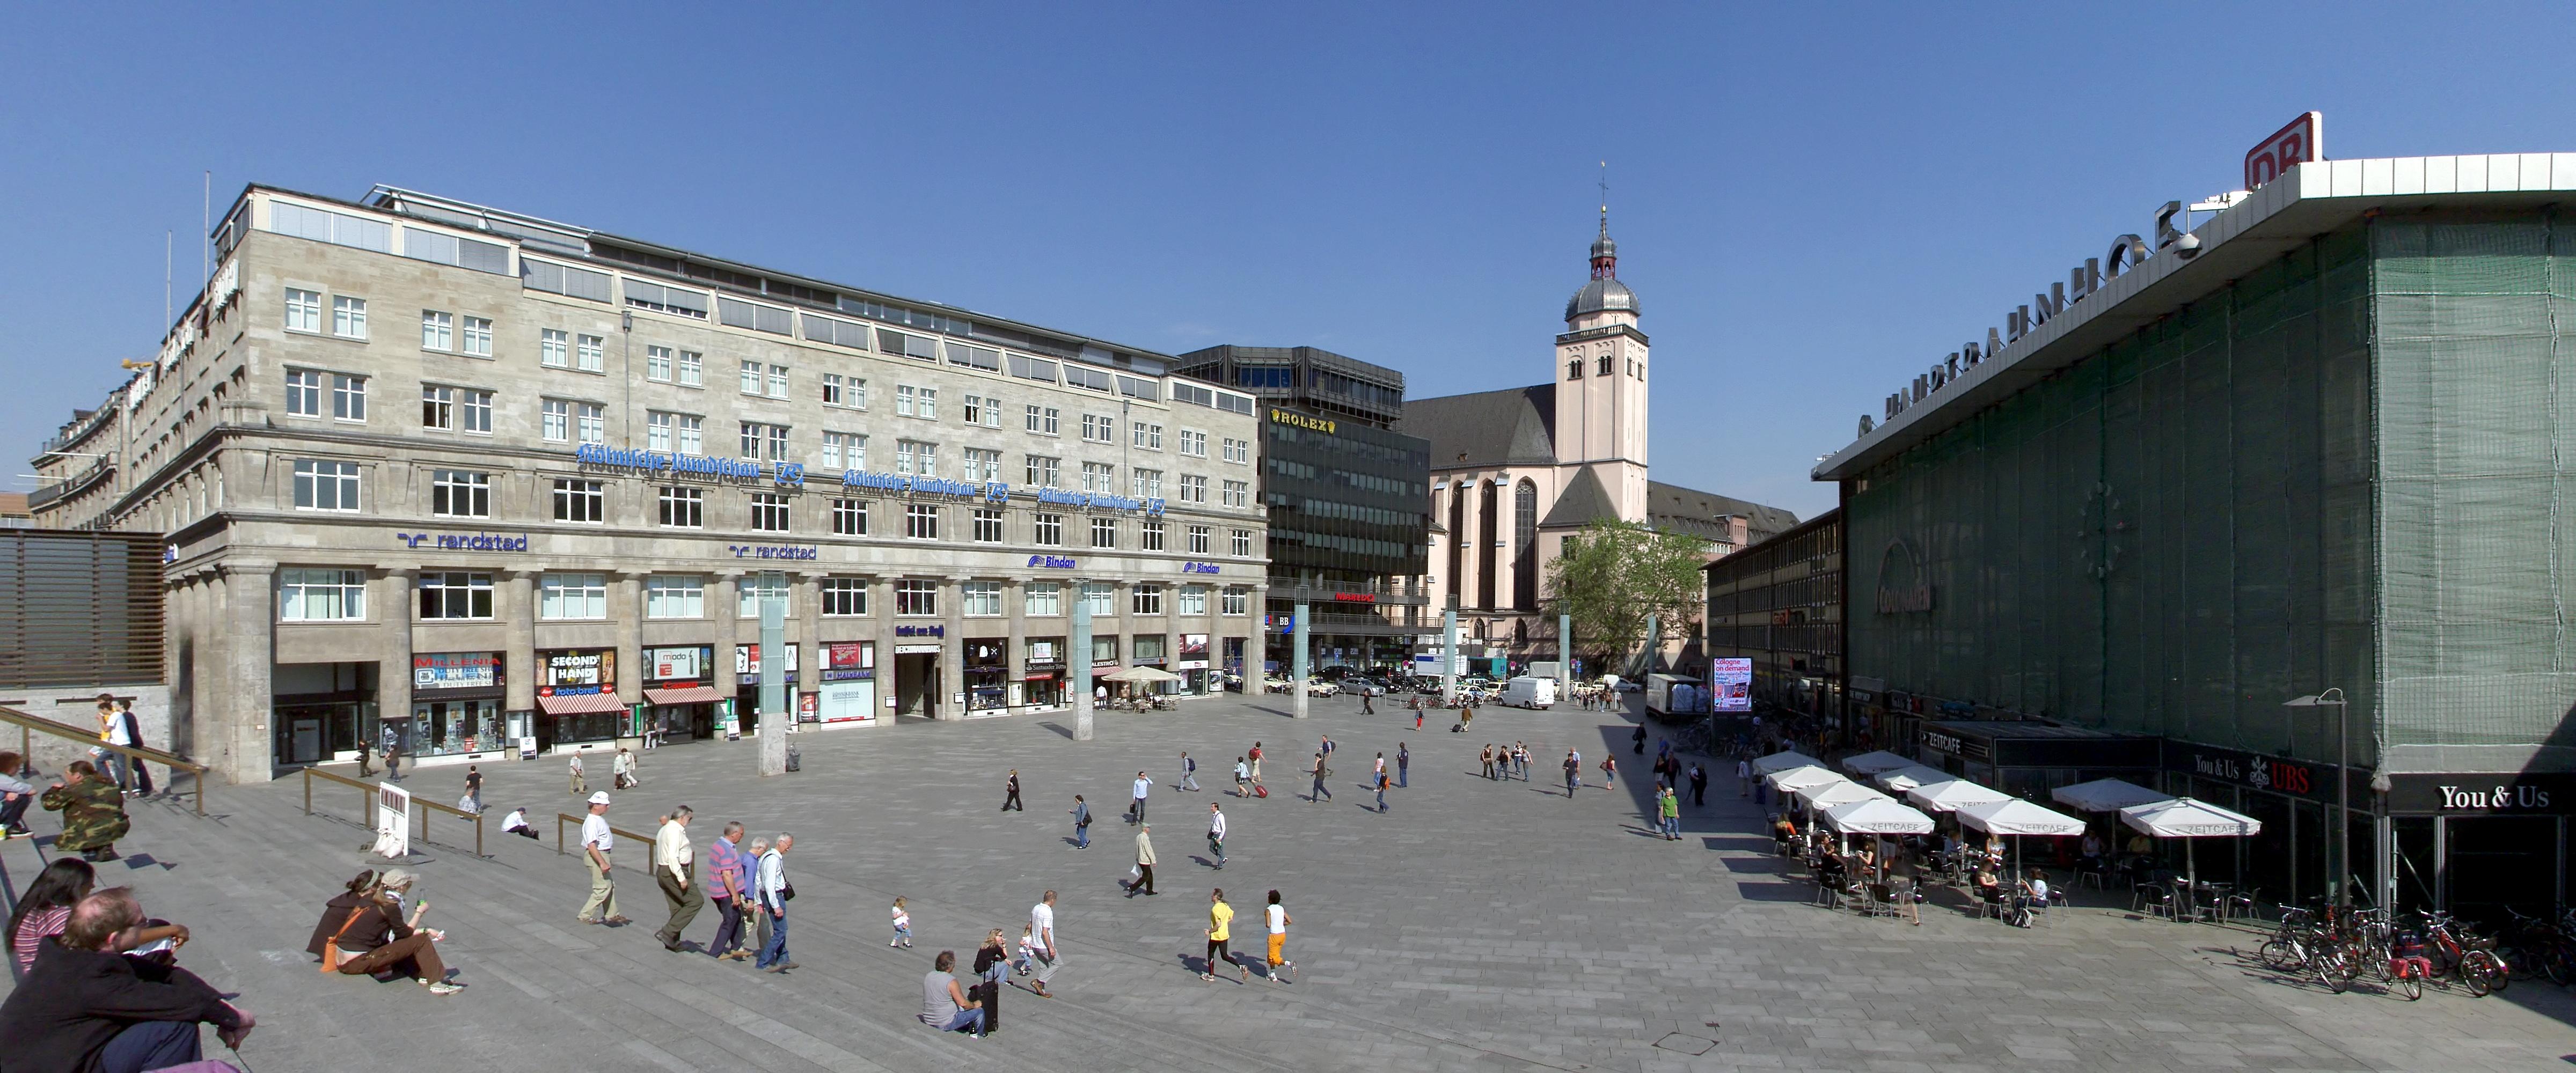 Köln Bahnhofsvorplatz